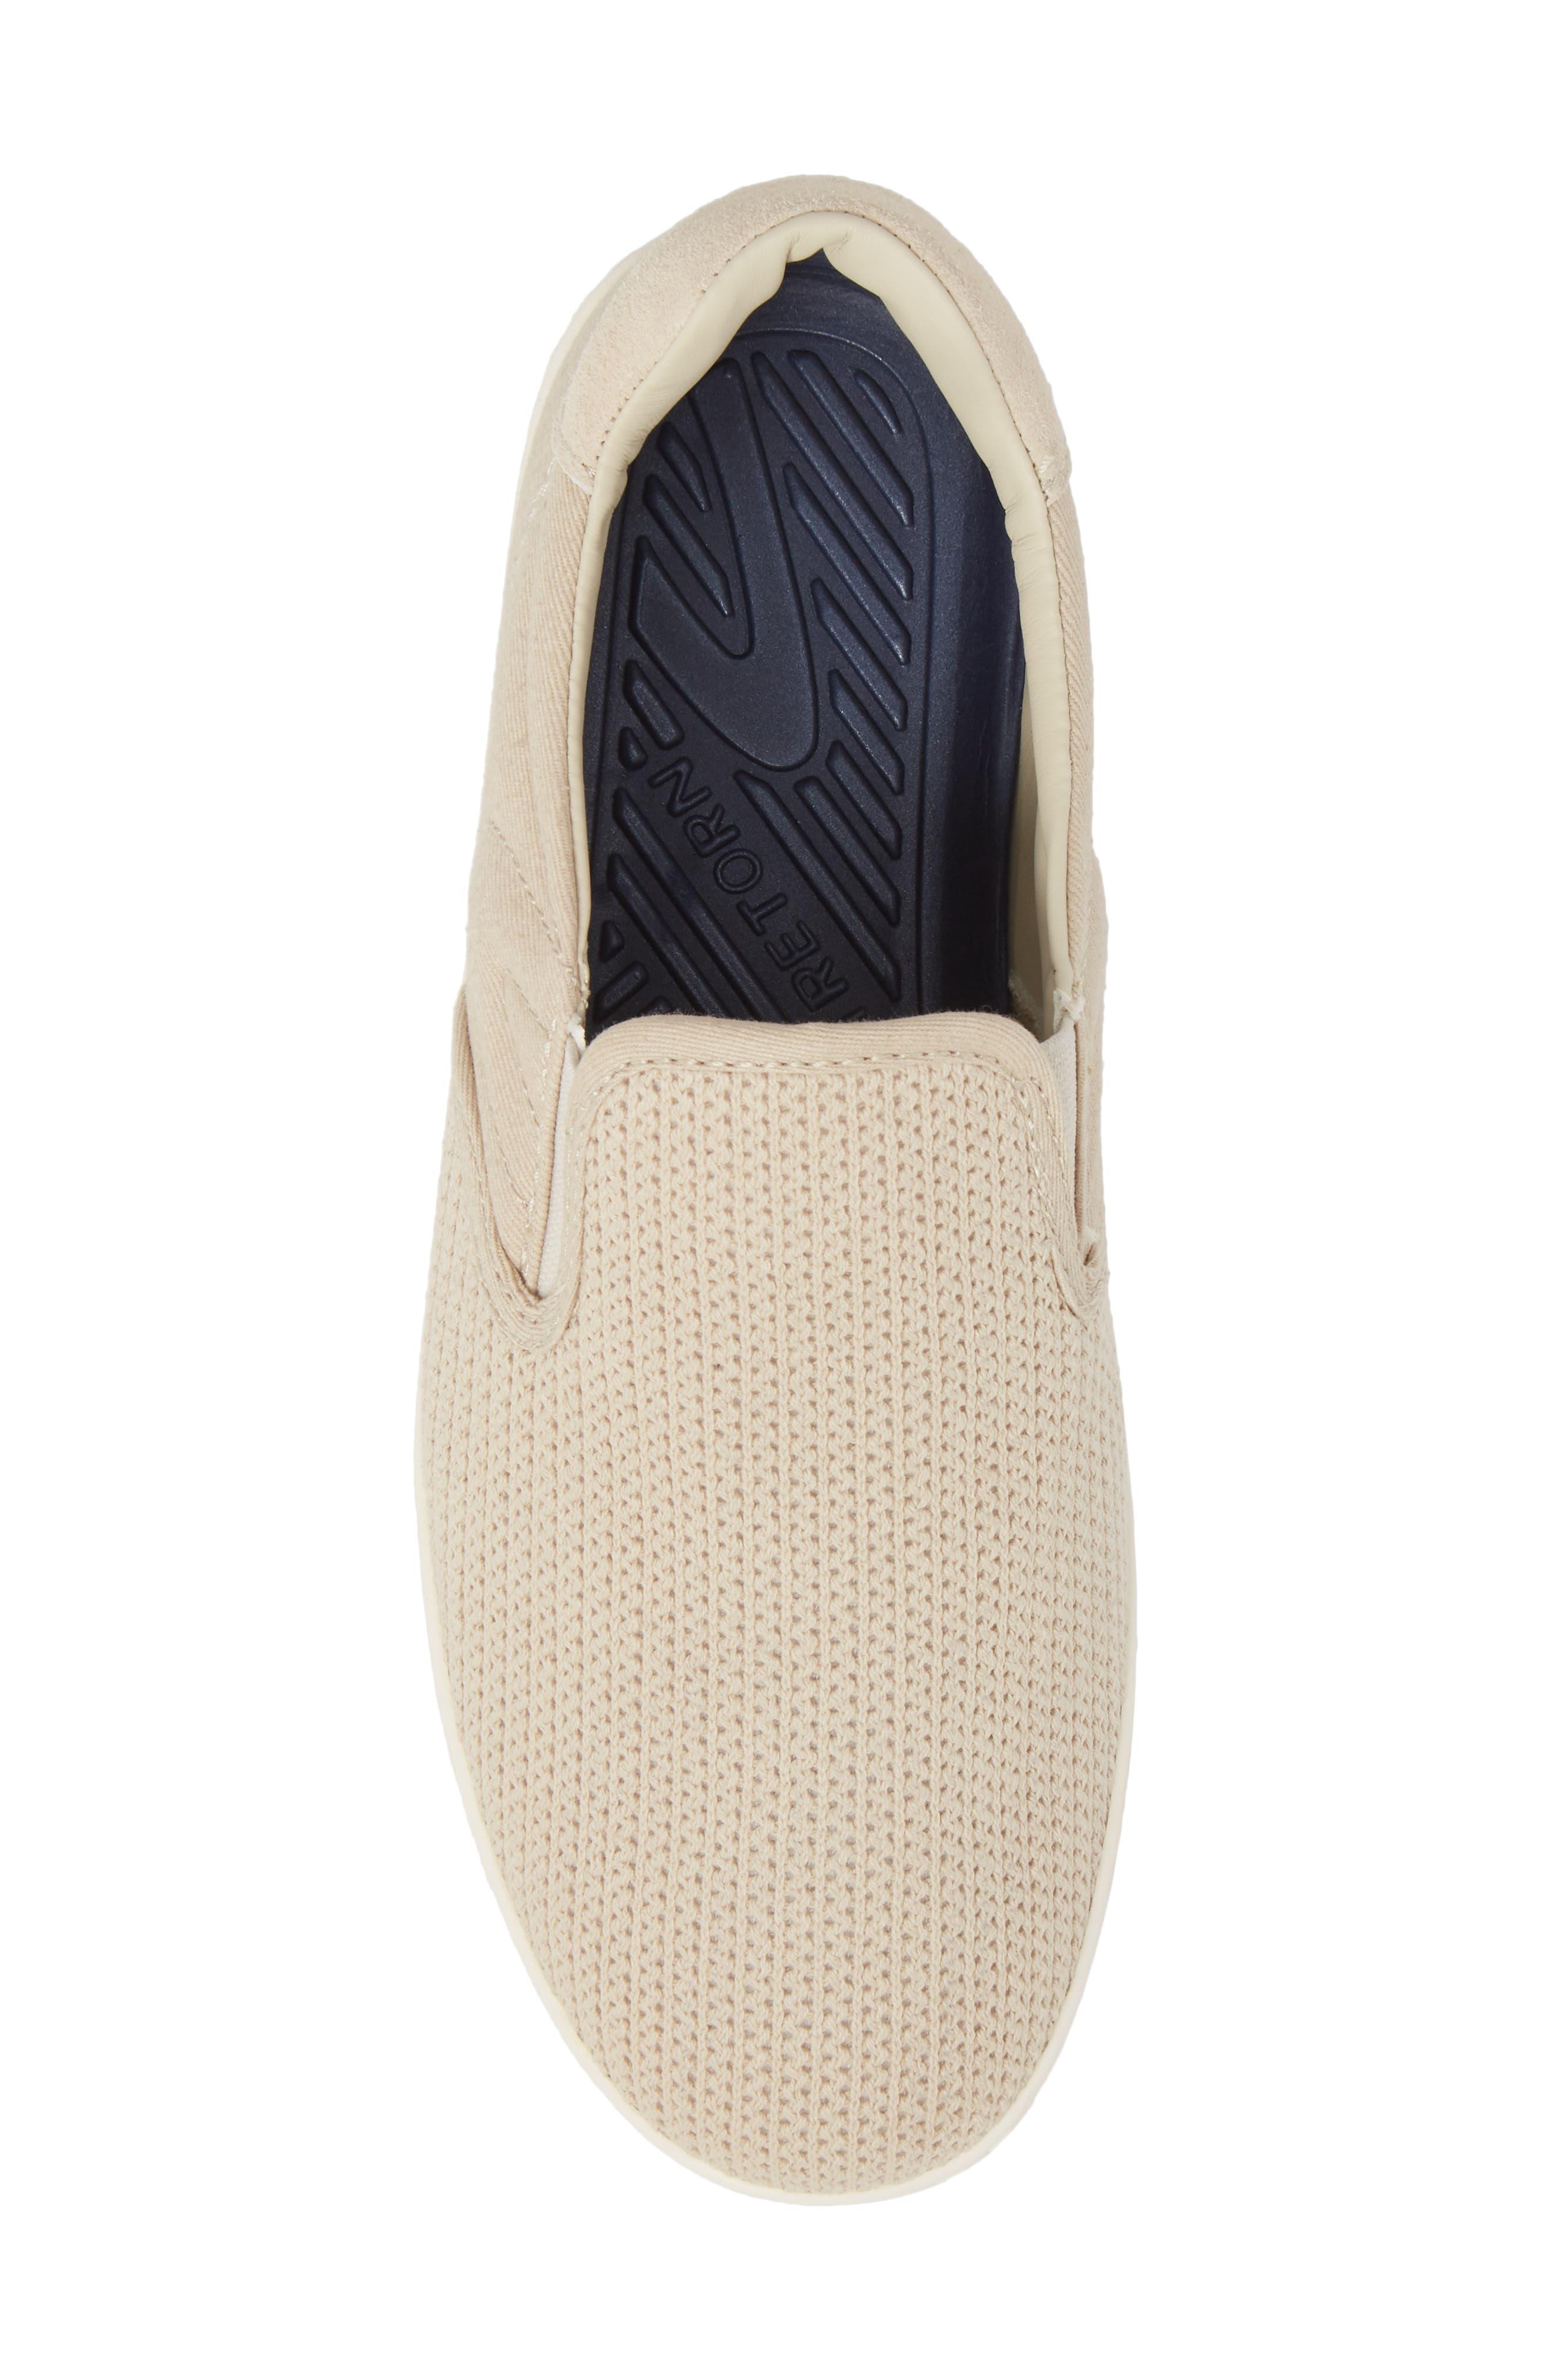 Cruz Mesh Slip-On Sneaker,                             Alternate thumbnail 6, color,                             Sand